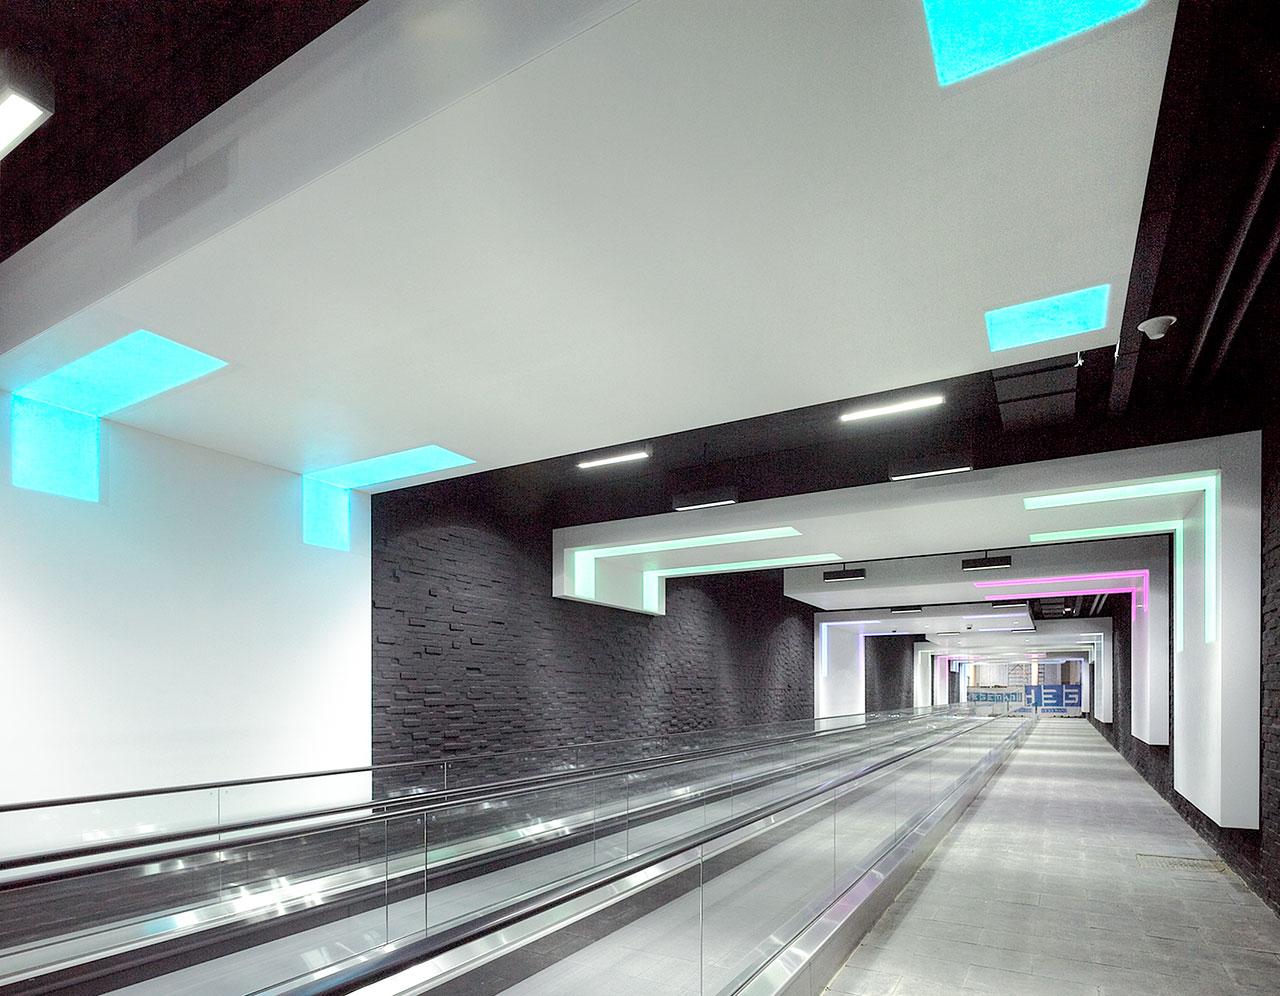 tunel enschede - holanda. Solid Surface для Общественные И Правительственные Места